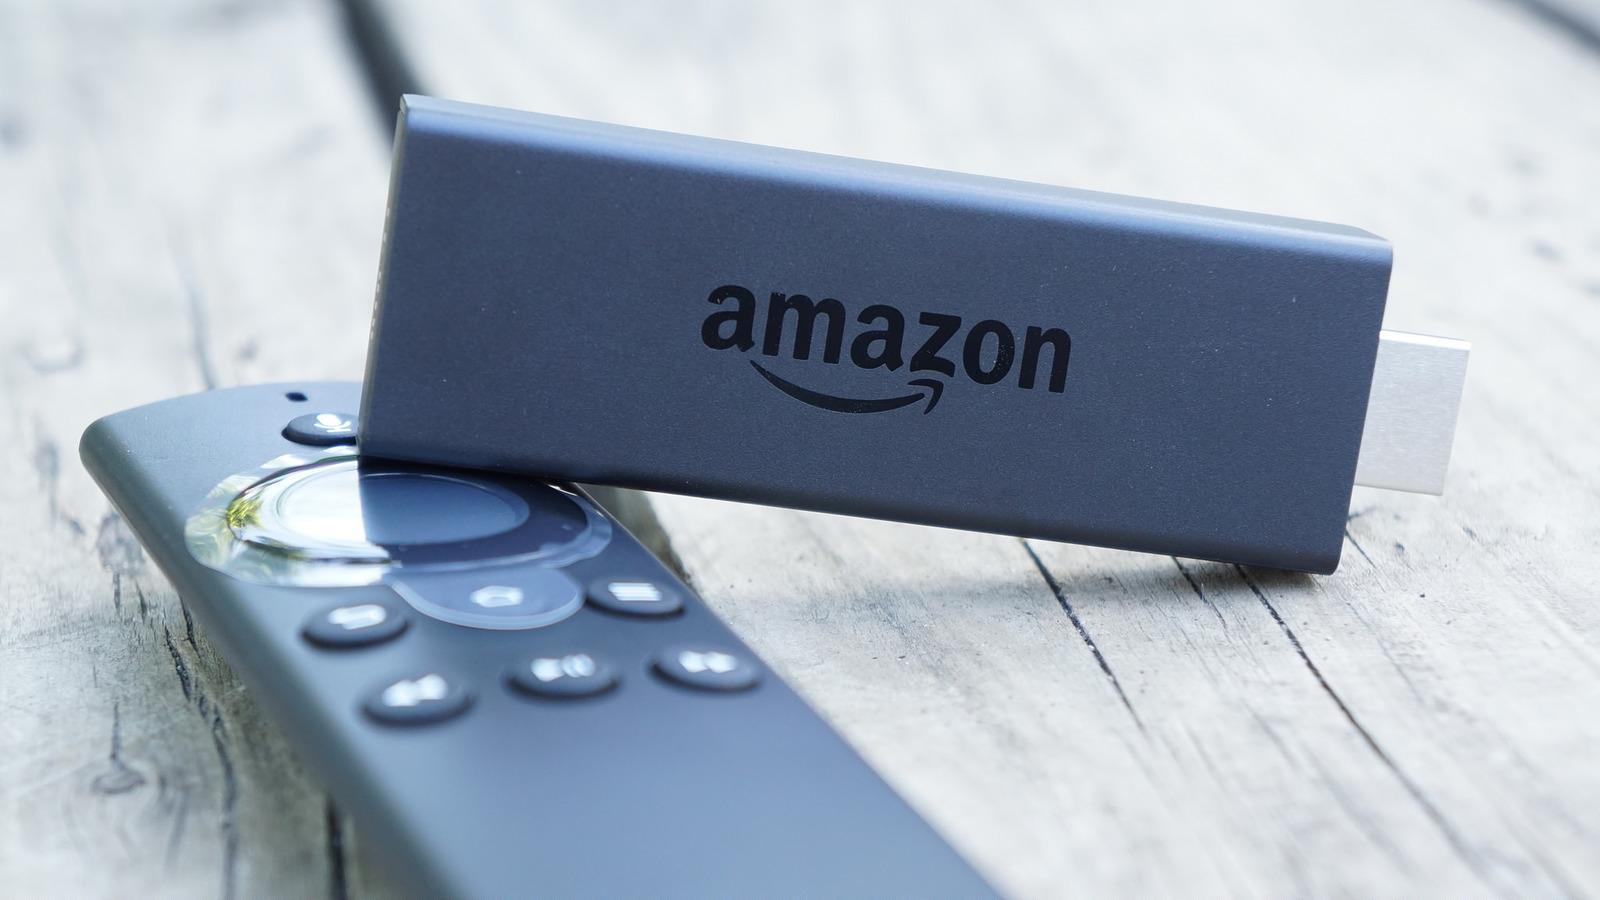 20%オフ、「Fire TV Stick」がAmazonの初売りに登場